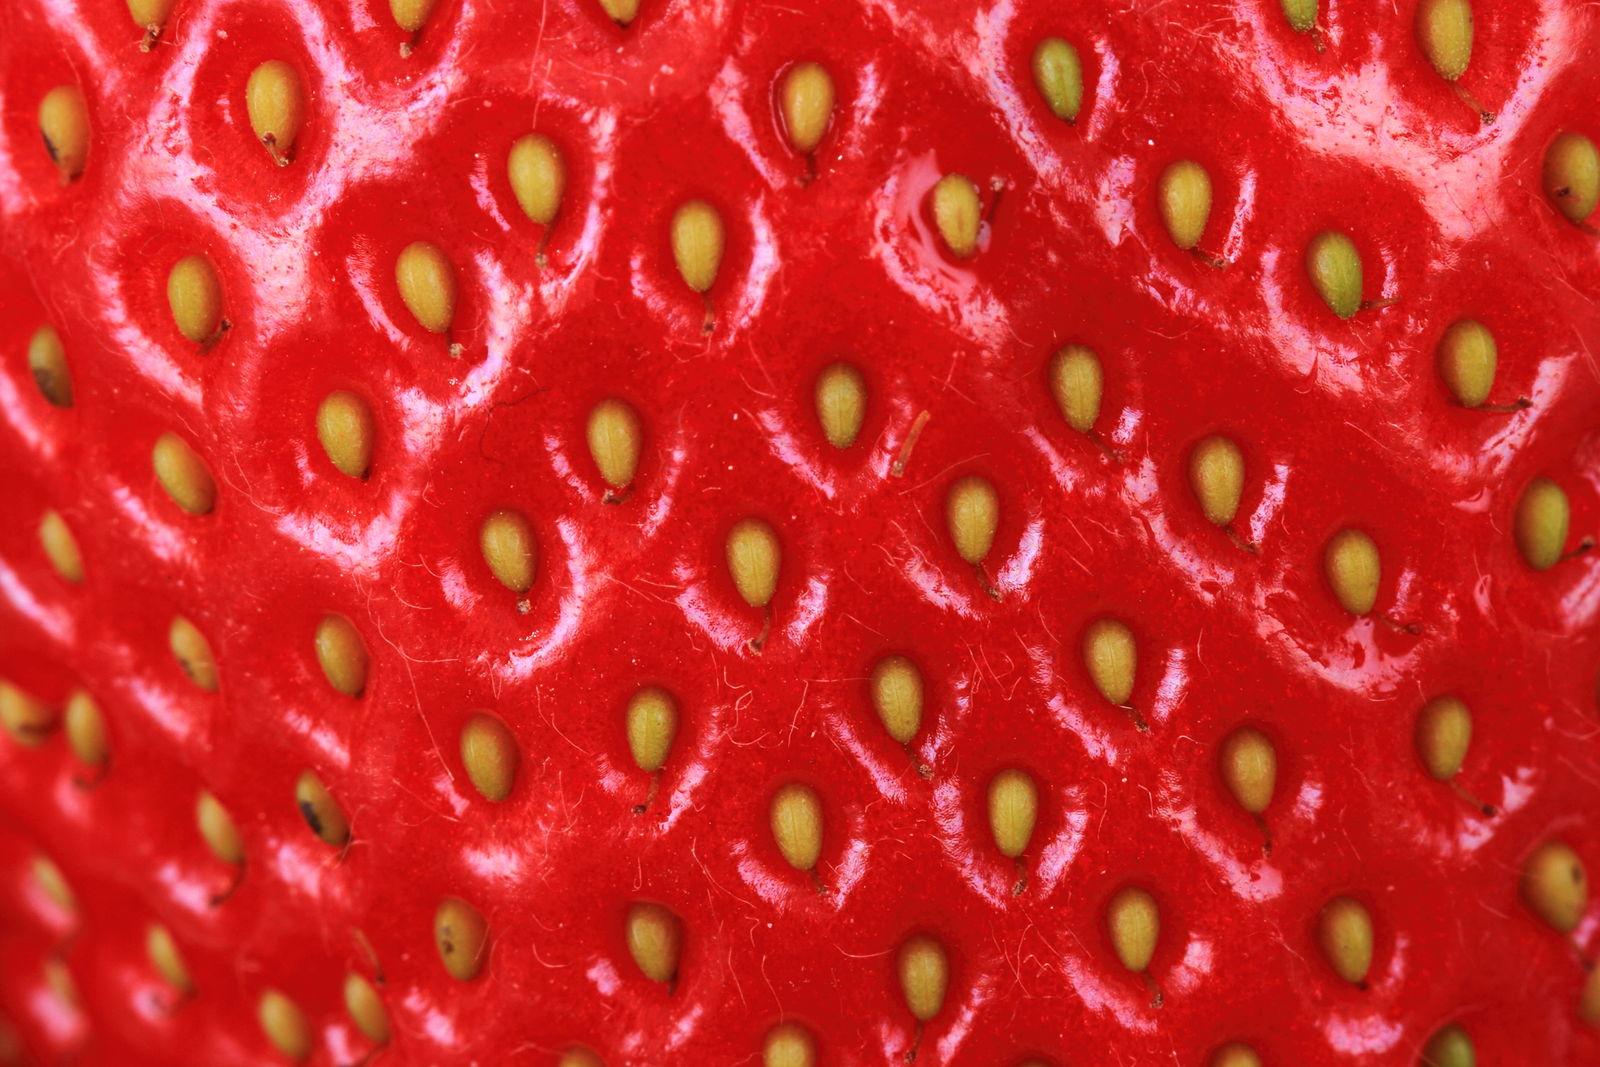 Etwas Neues genug Erdbeeren vermehren: Nüsse aussäen & Ableger vermehren - Plantura &QW_49